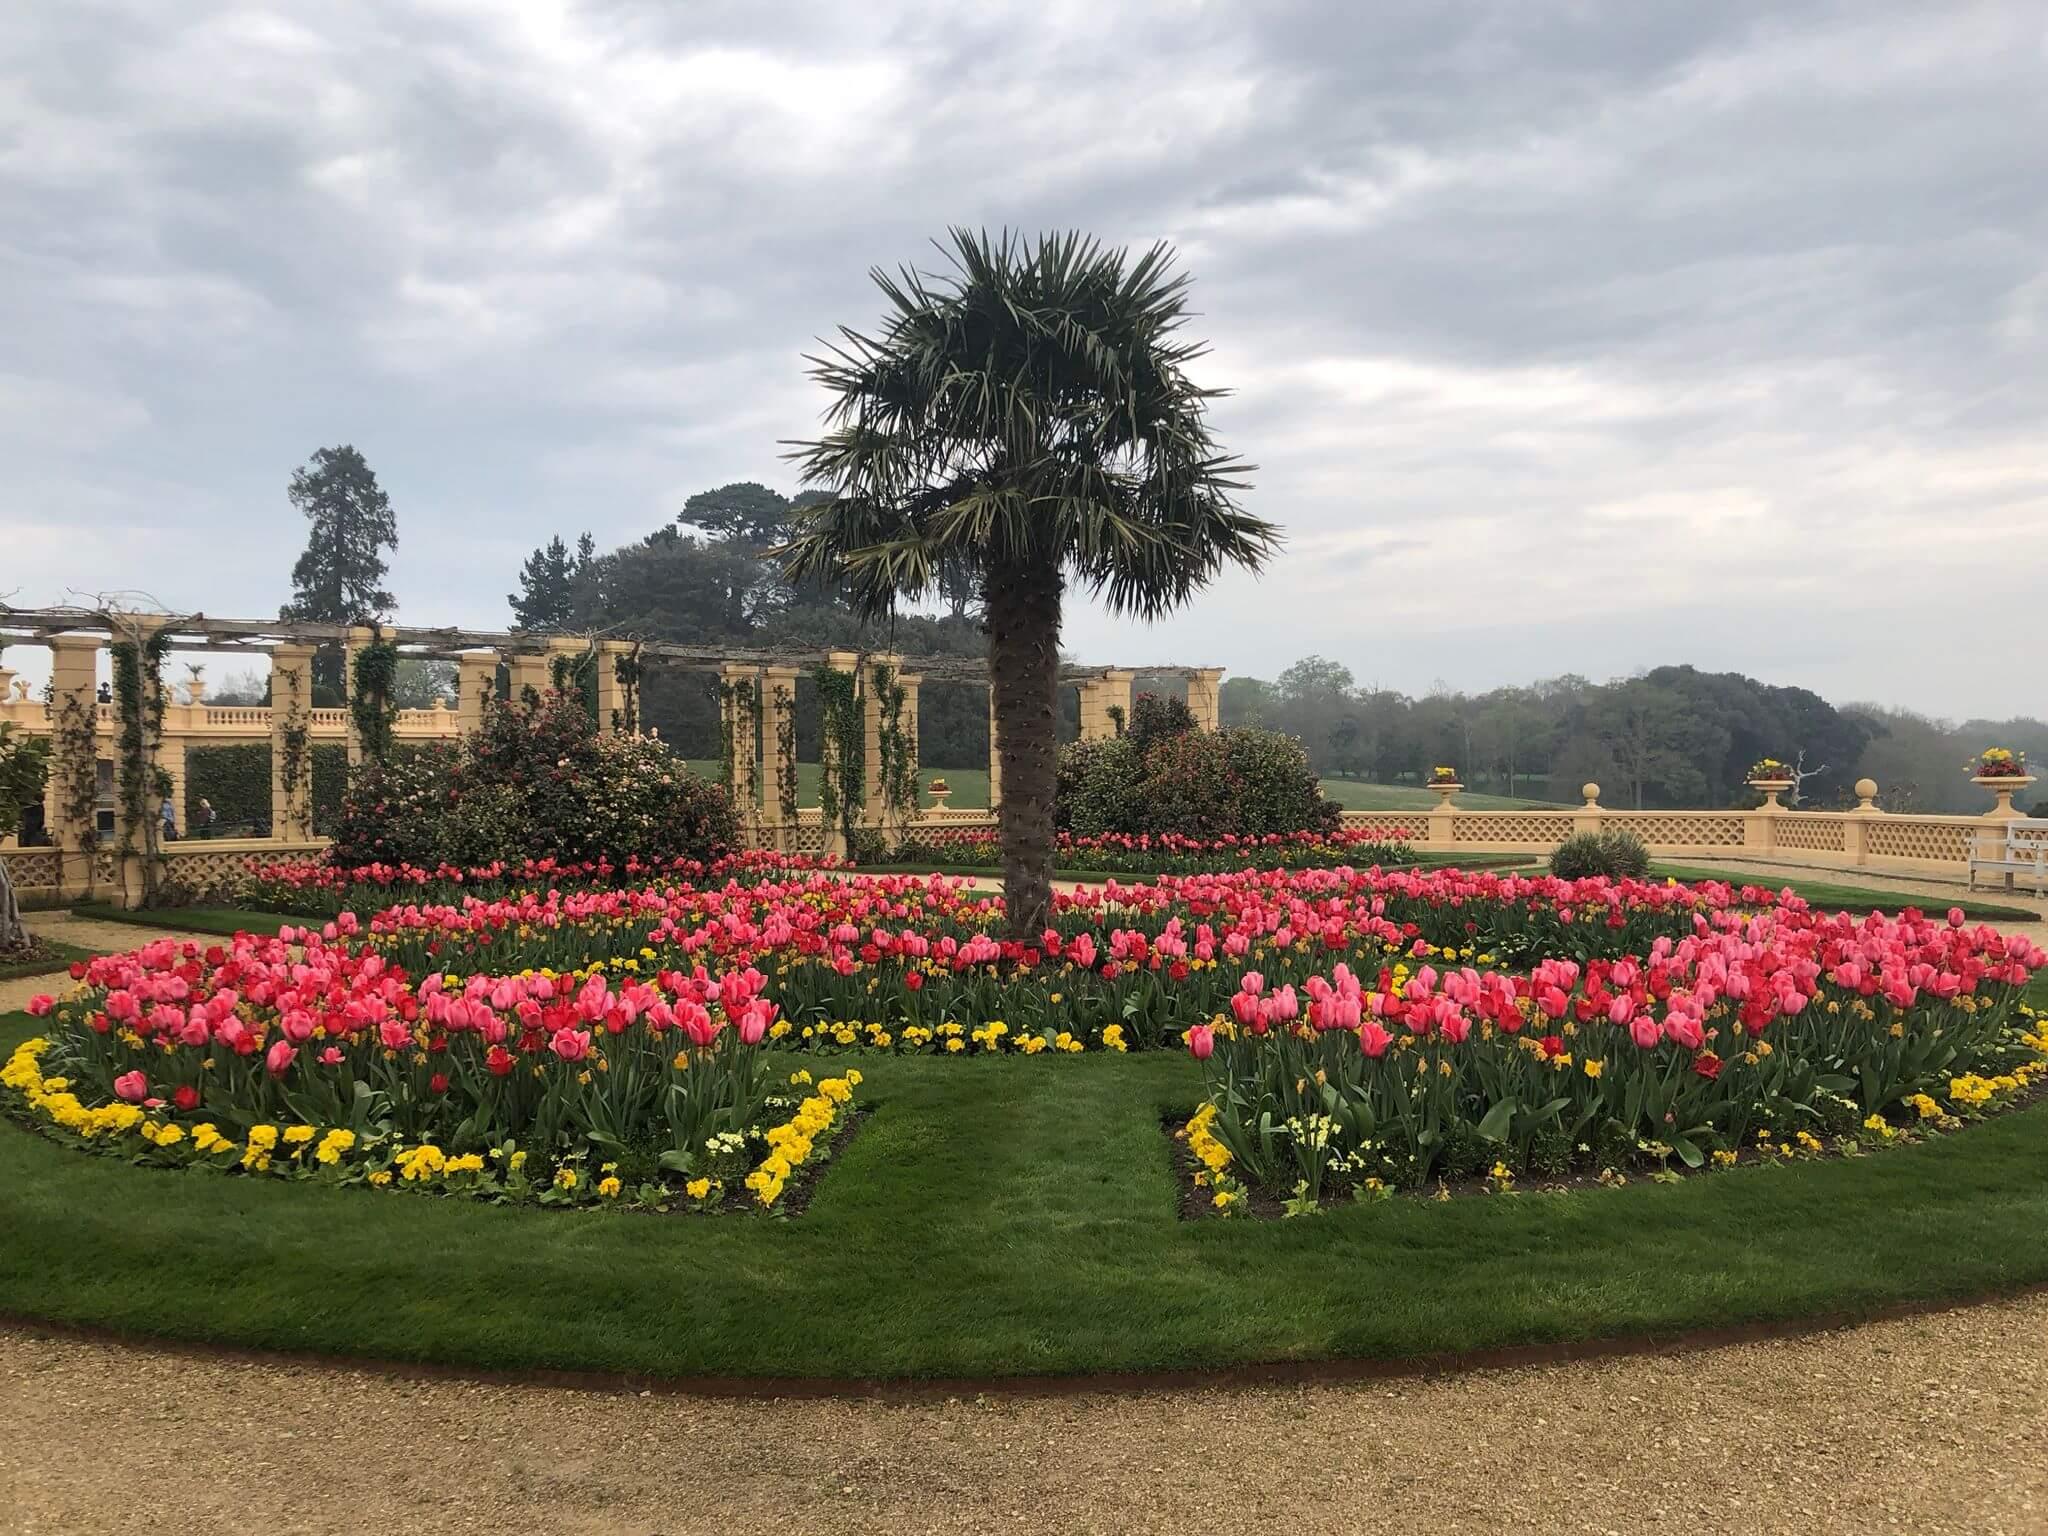 osborne house tulip gardens